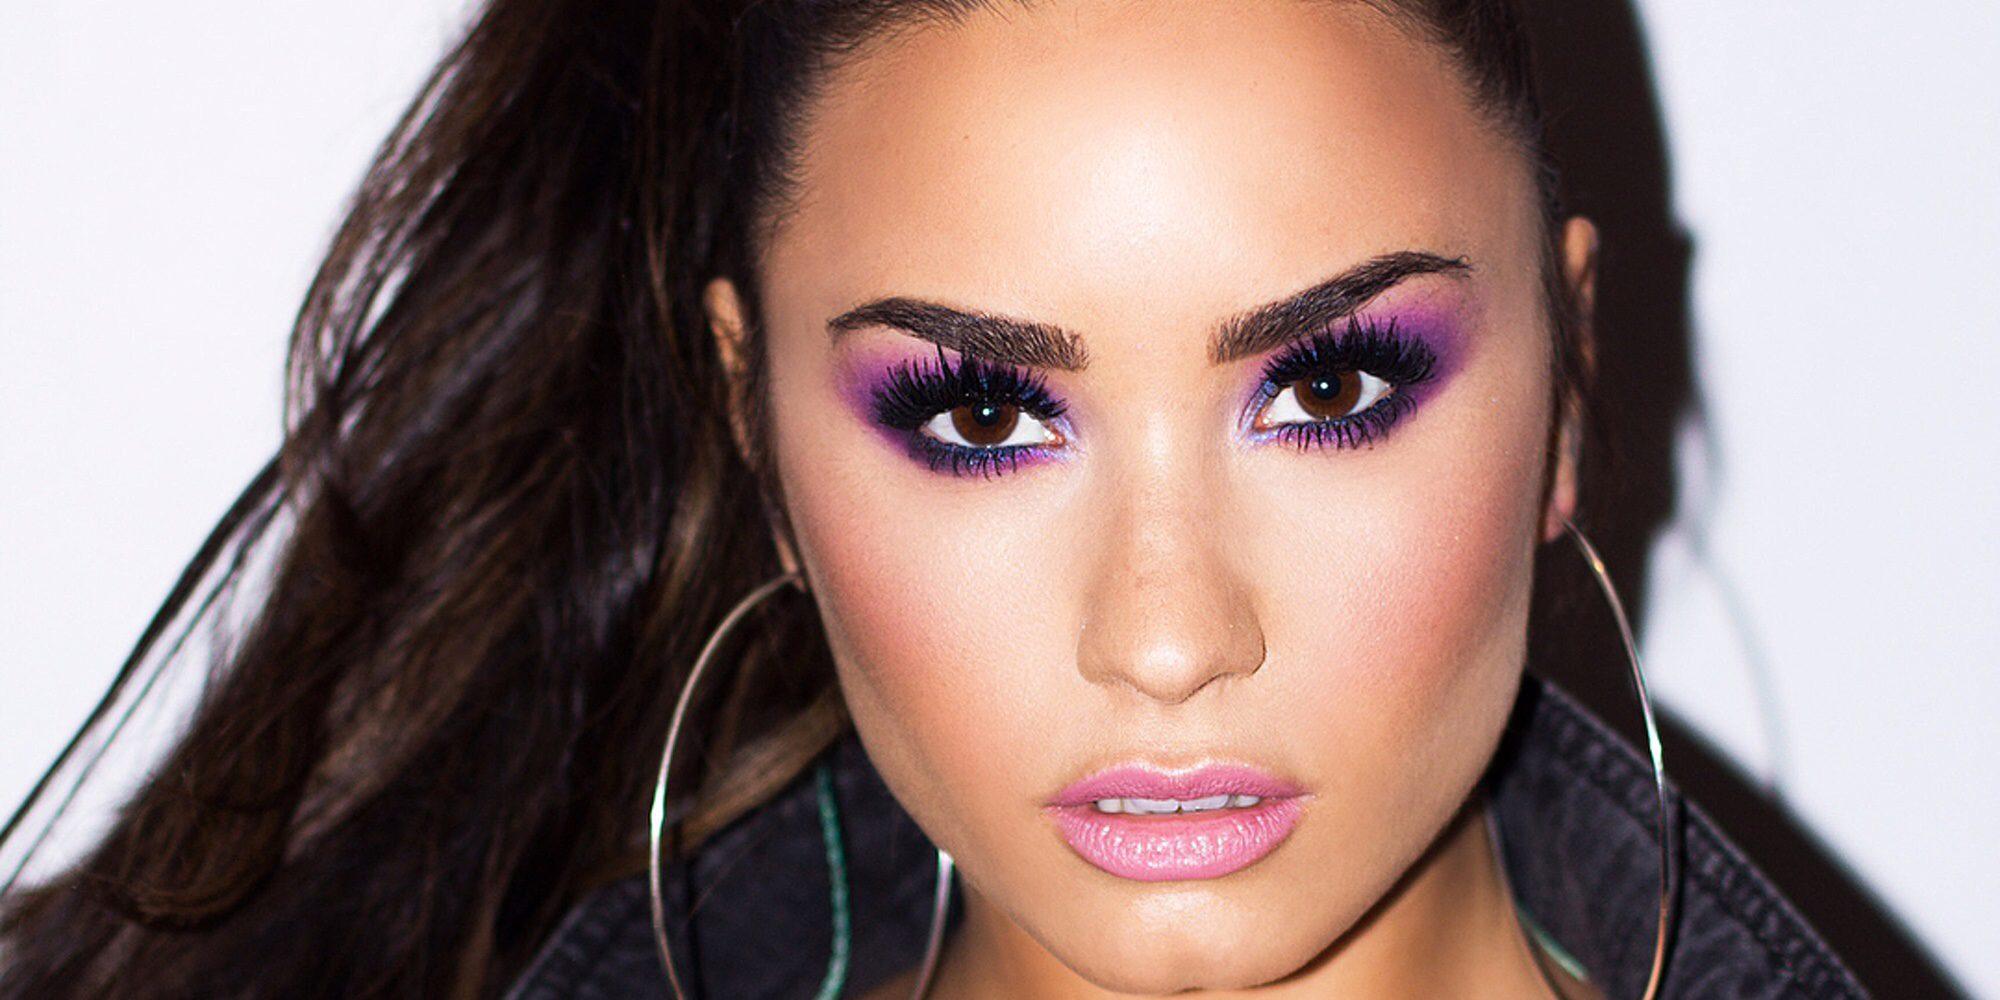 """Demi Lovato empieza 2018 con optimismo y luciendo figura: """"He decidido aprender a amar tu cuerpo como es"""""""